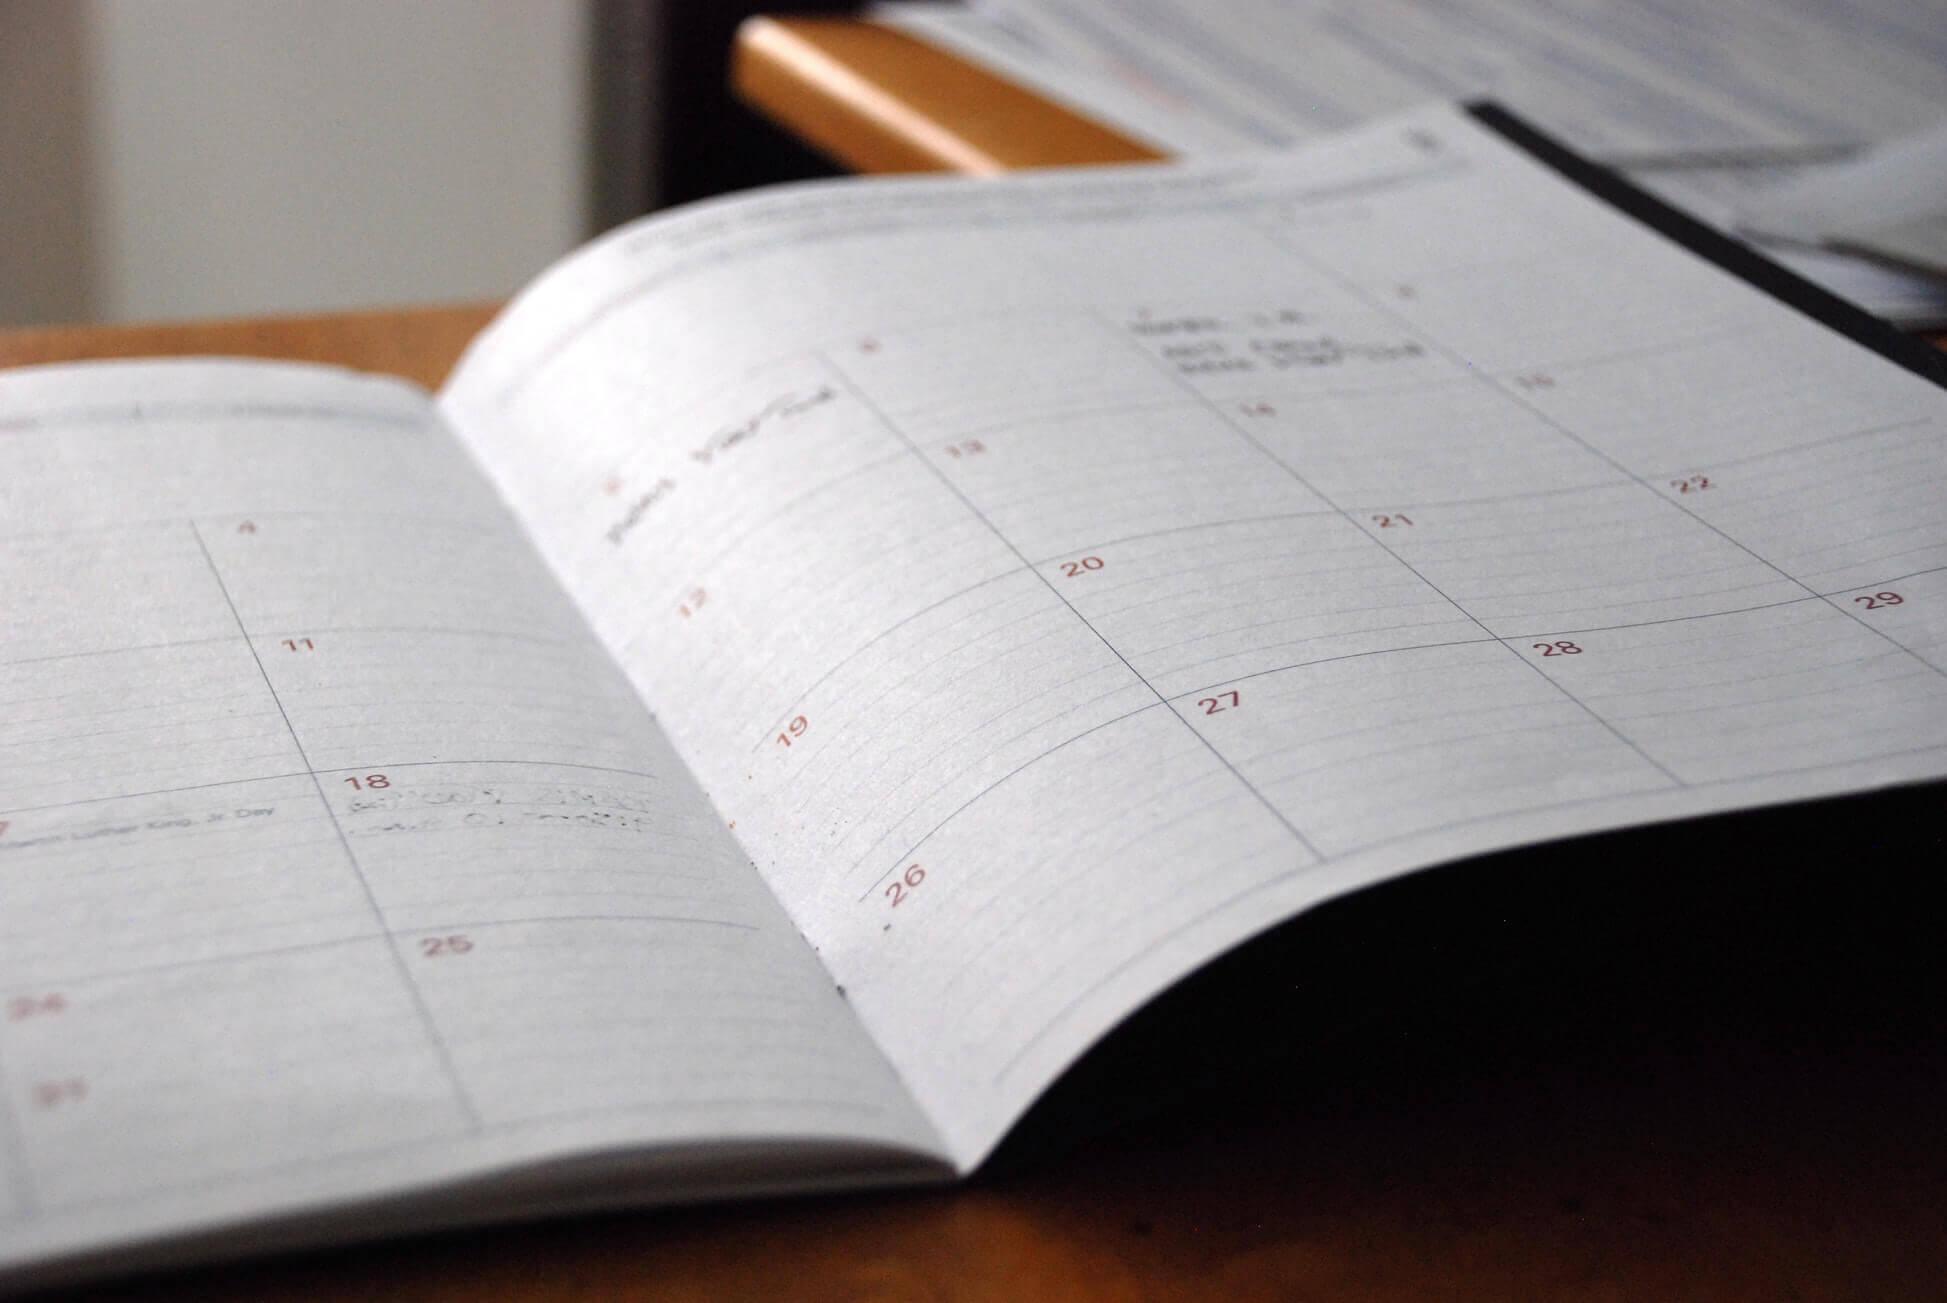 Поясним за новости: выходные дни в Новый год сократили для россиян